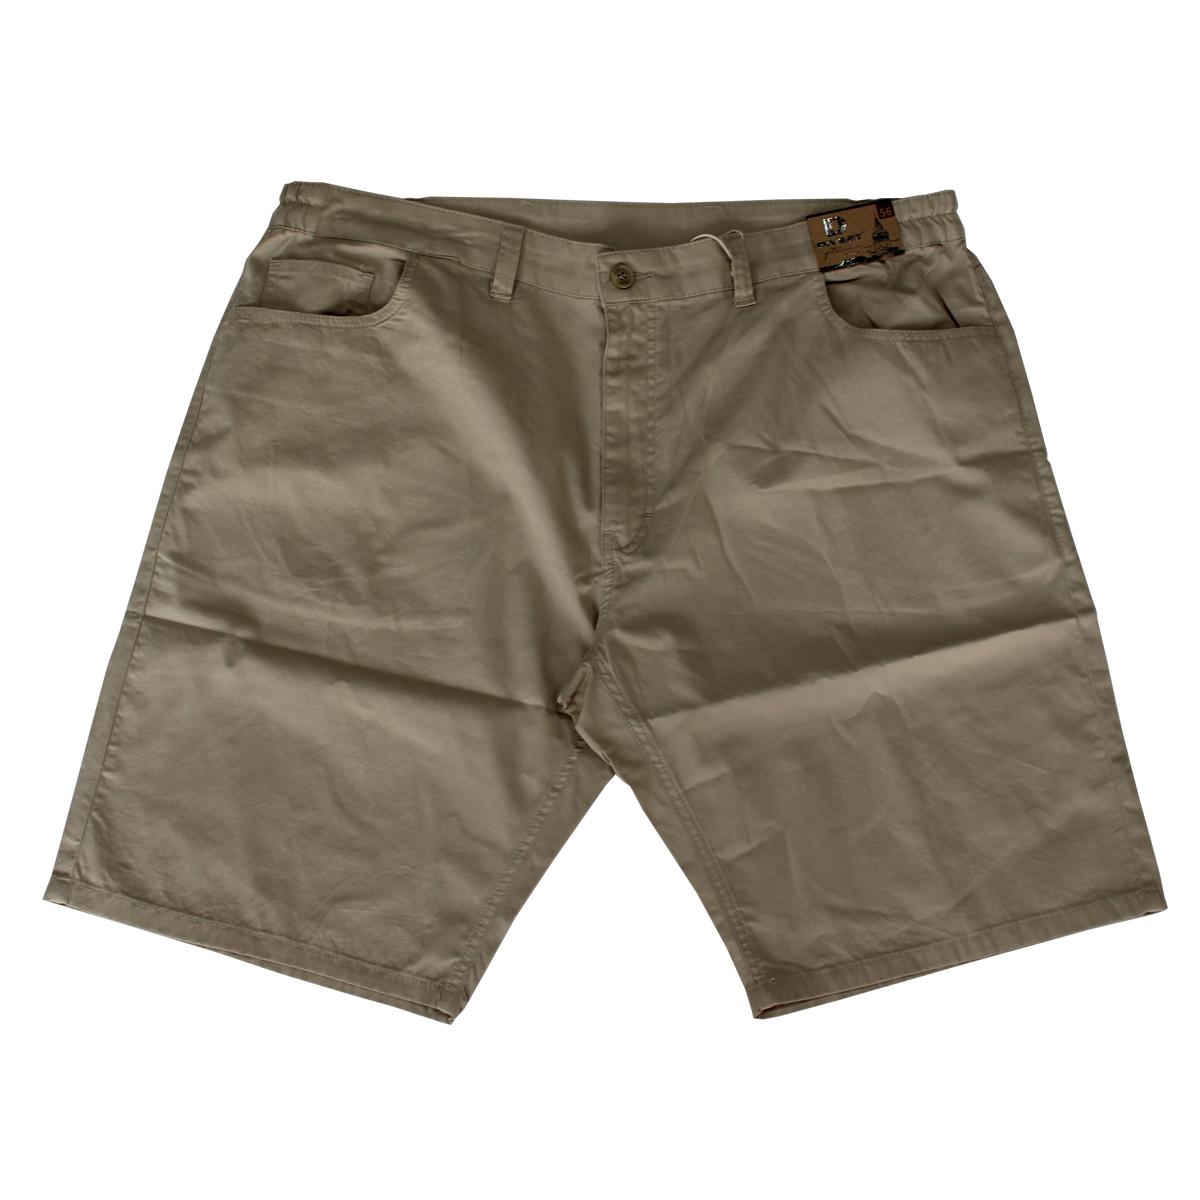 Pantalon scurt bej din doc, Marime 58 - egato.ro